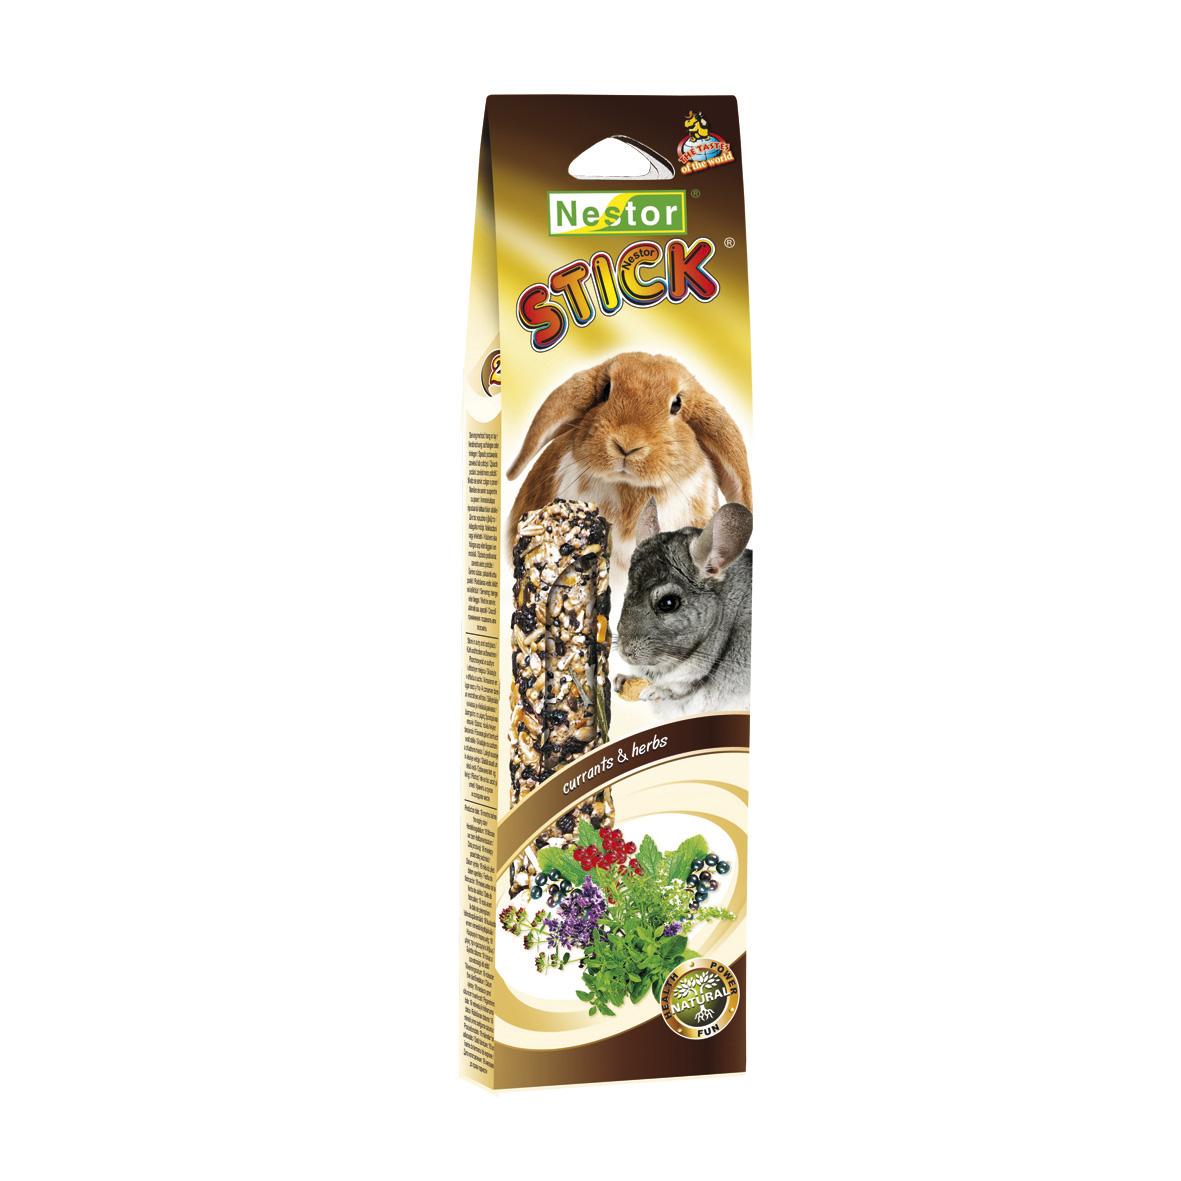 NESTOR Stick clásico plus con grosellas y hierbas Conejos y Roedores 115g - 2 unid.